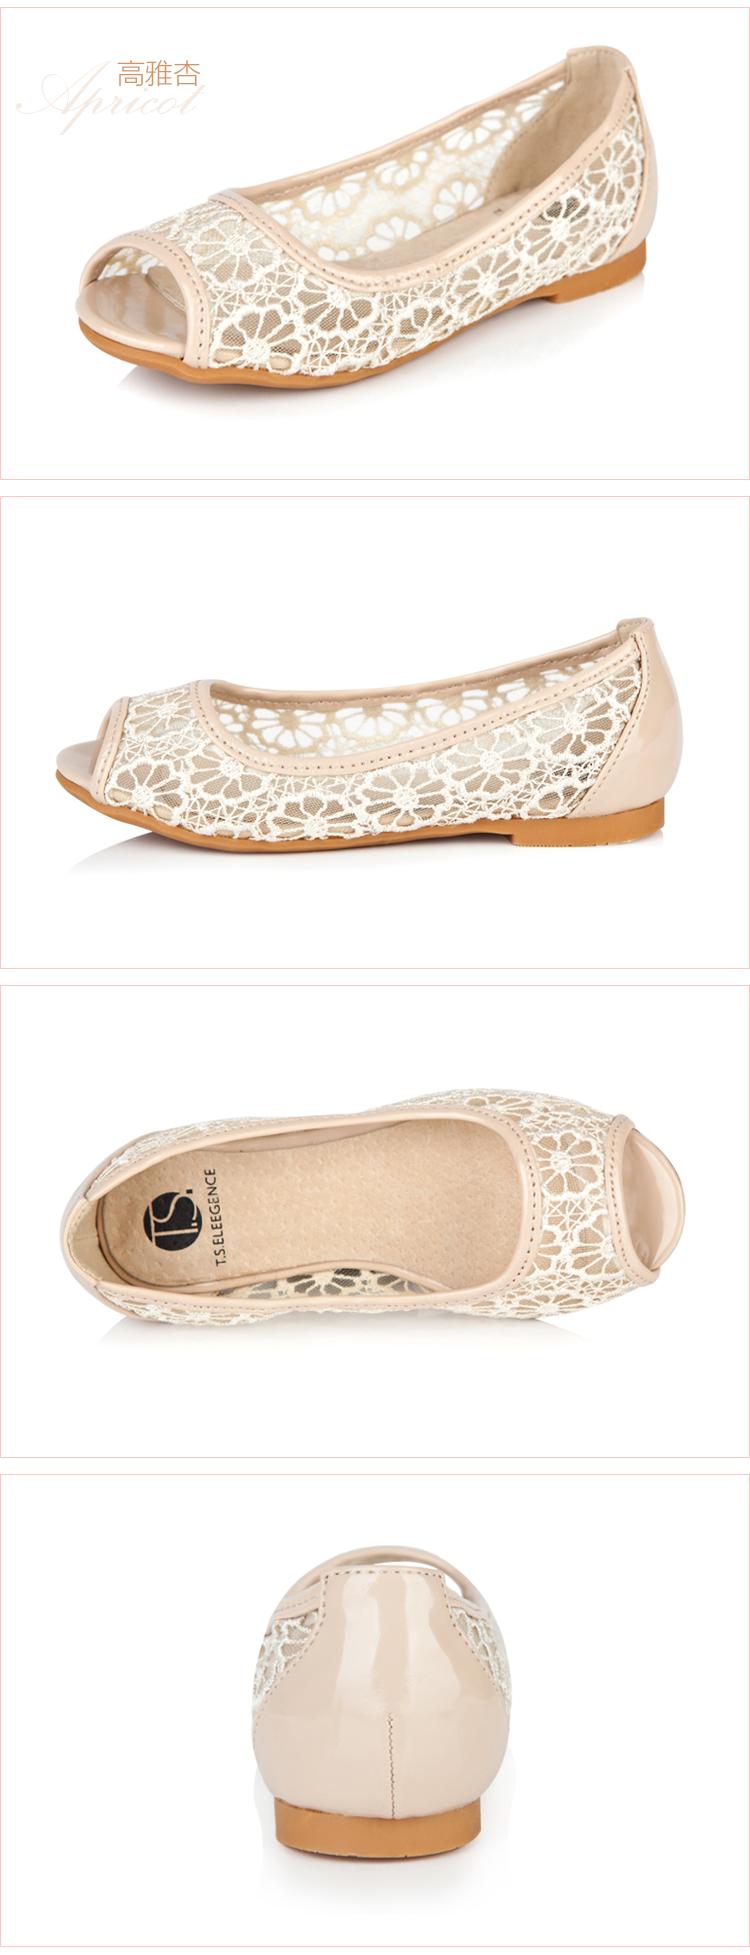 童鞋夏季新款儿童鞋 女童凉鞋